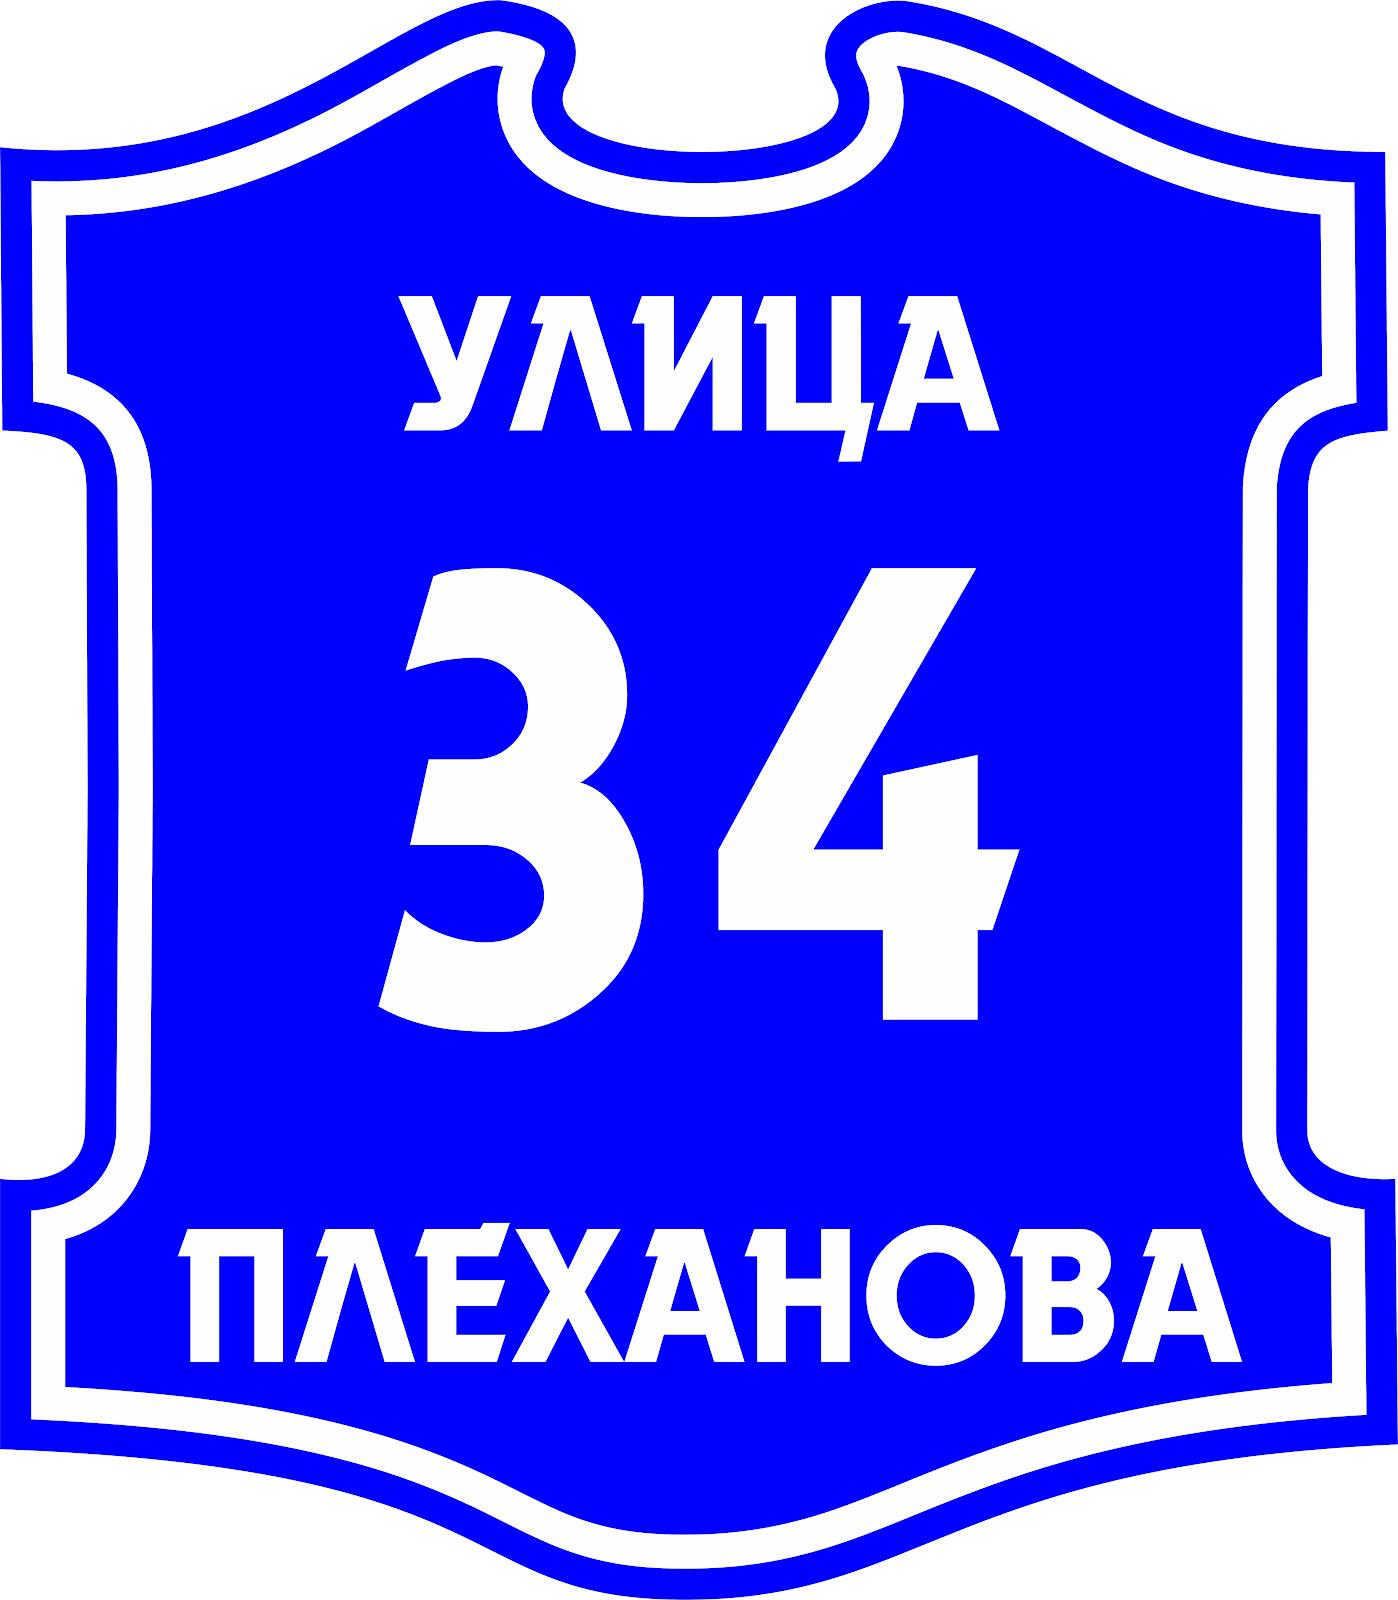 Вариавнт 27